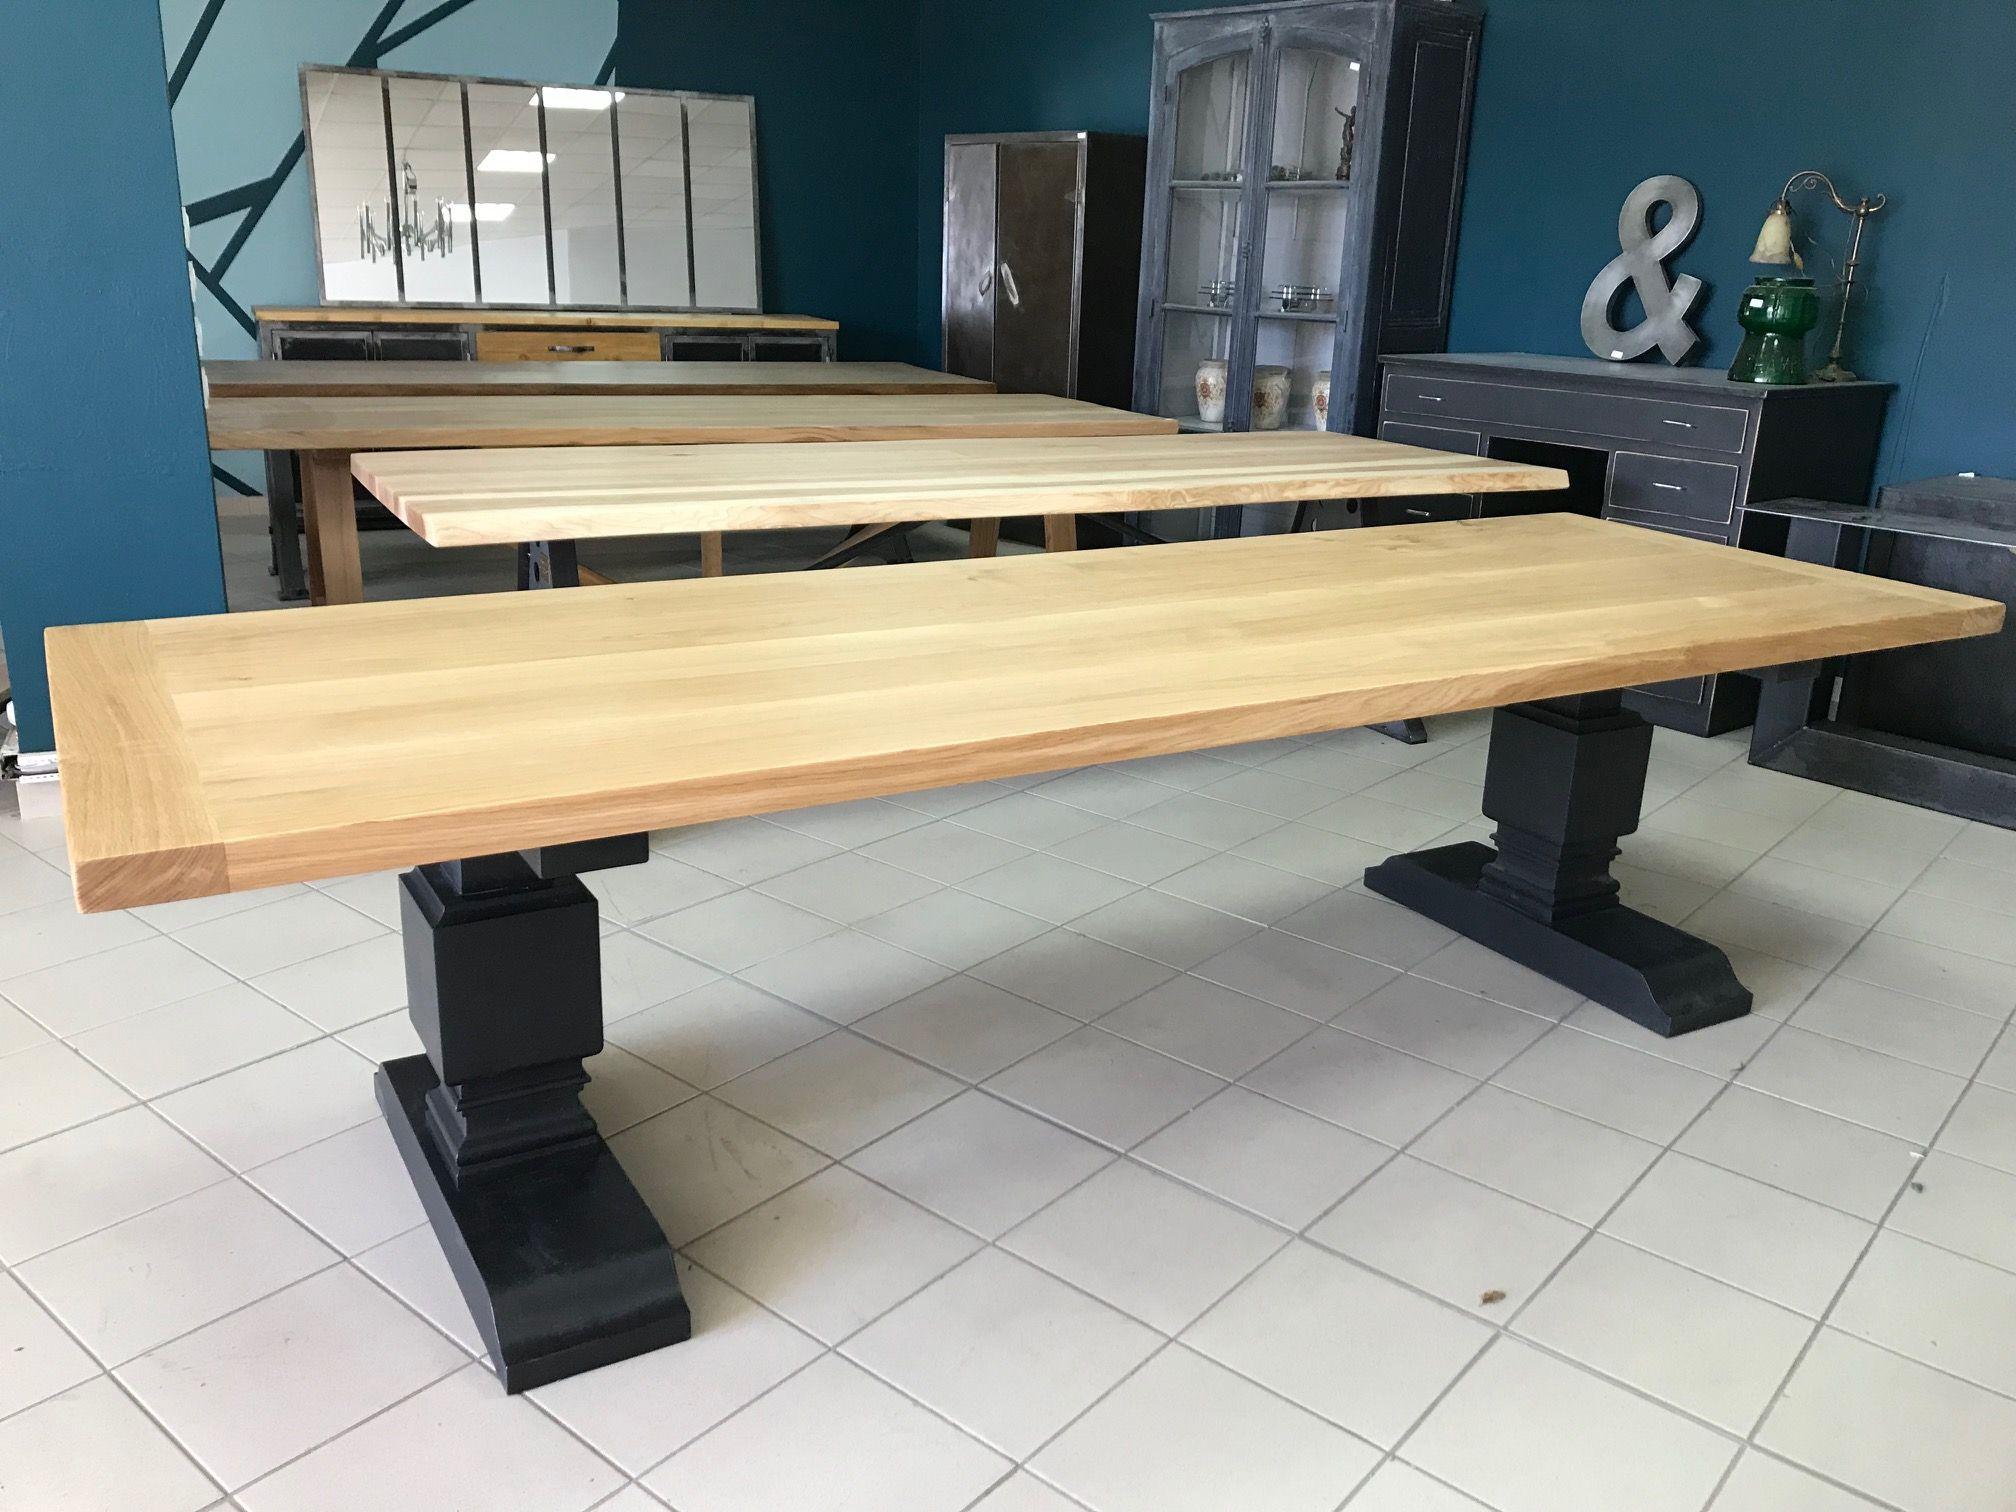 Grande Table De 3 M En Chene Massif Pieds Echec Peints En Noir En Chene Massif Sur Mesure Table Monastere Table En Chene Table Bois Massif